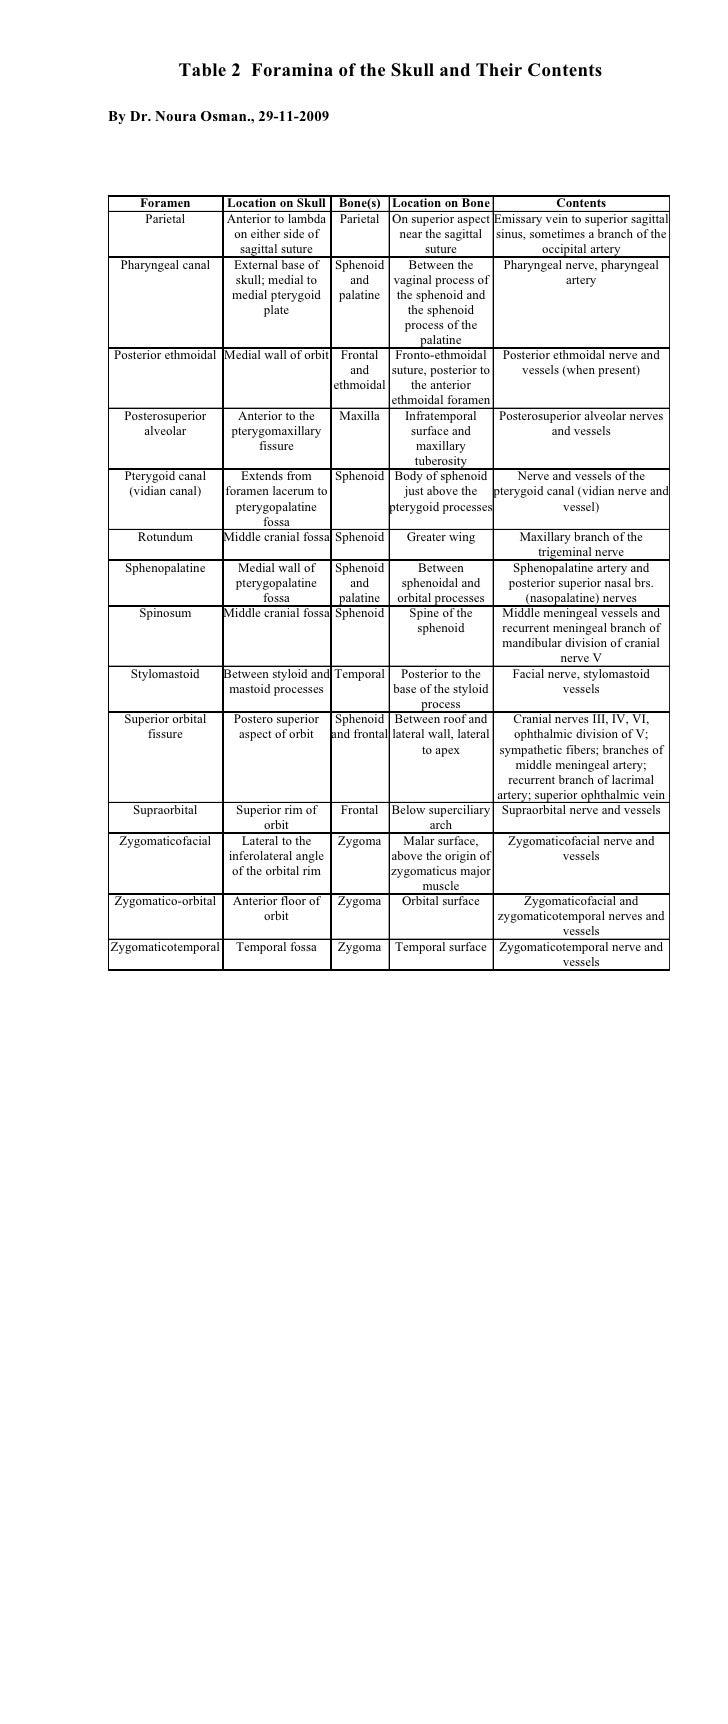 Table 2 Foramina Of Skull